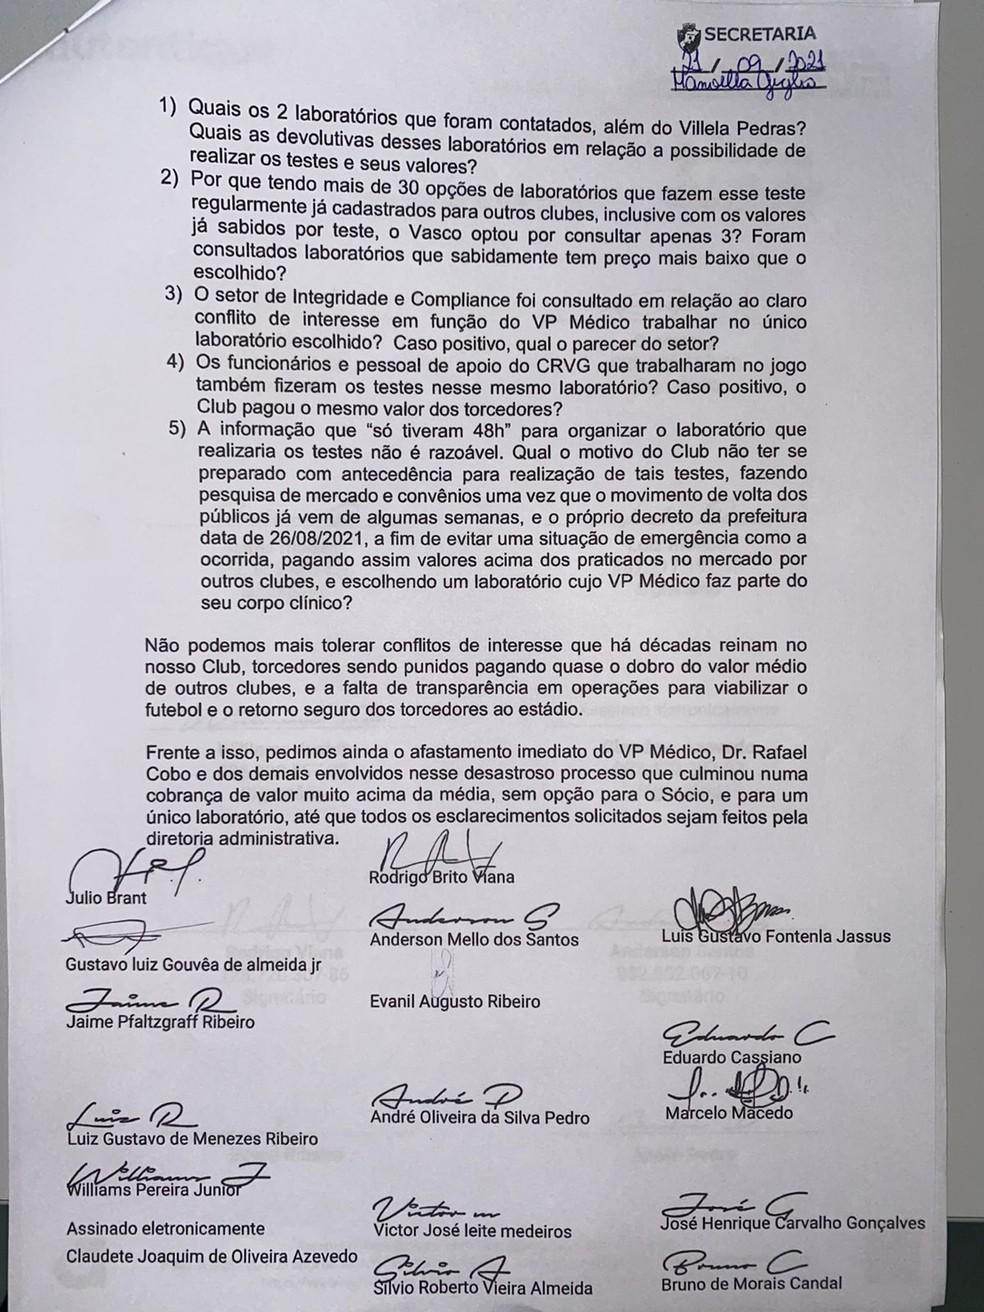 Carta de conselheiros do Vasco sobre contratação de laboratório - Parte 2 — Foto: Reprodução